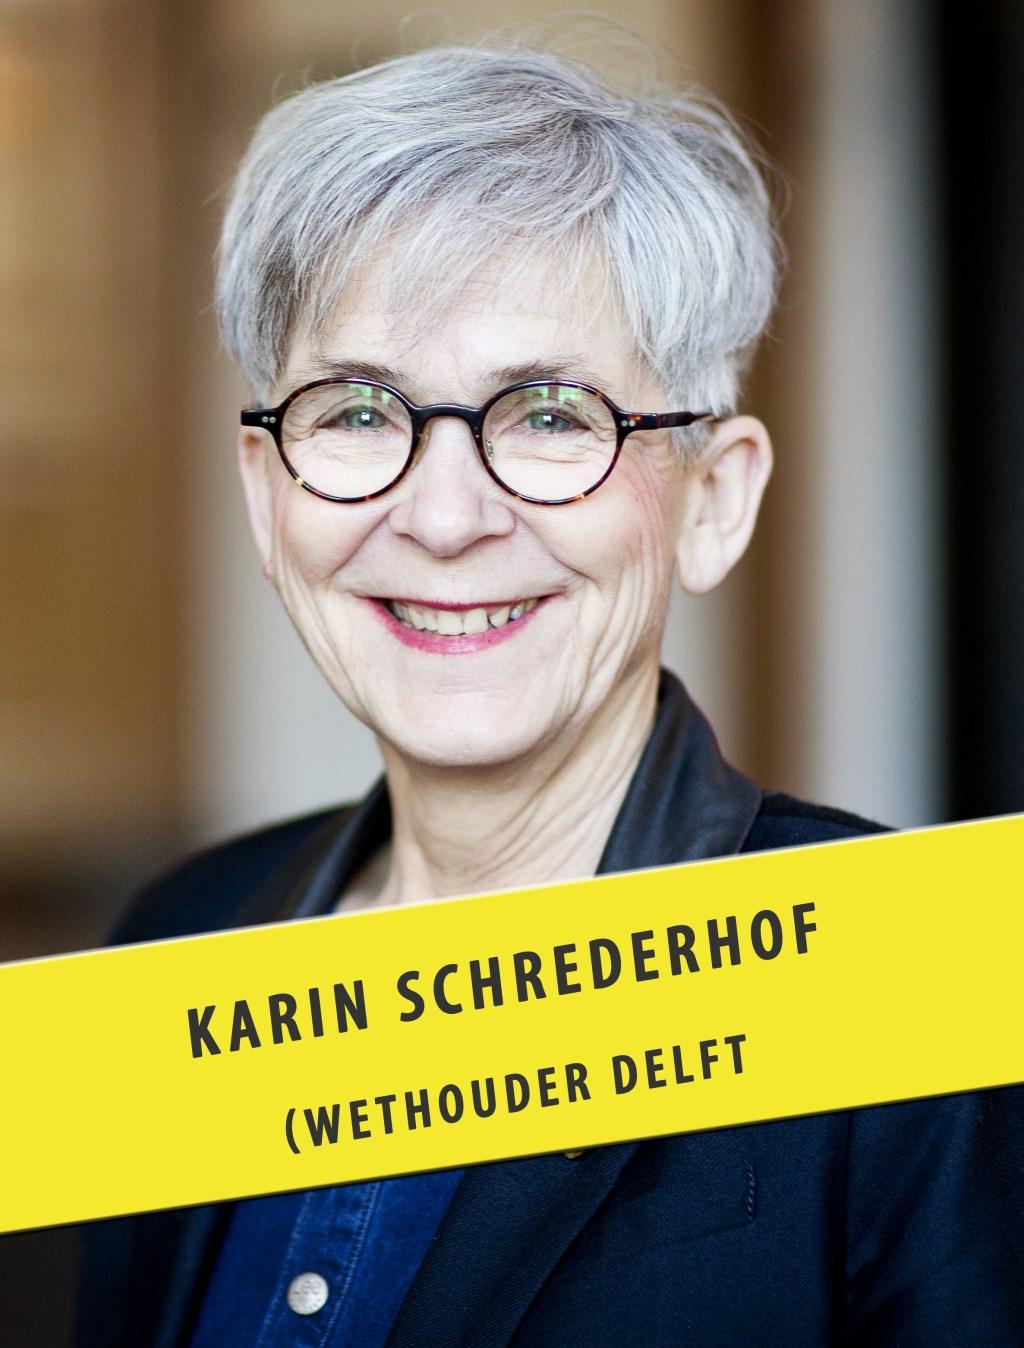 Wethouder Schrederhof geeft het goede voorbeeld  © RODI Media-zh